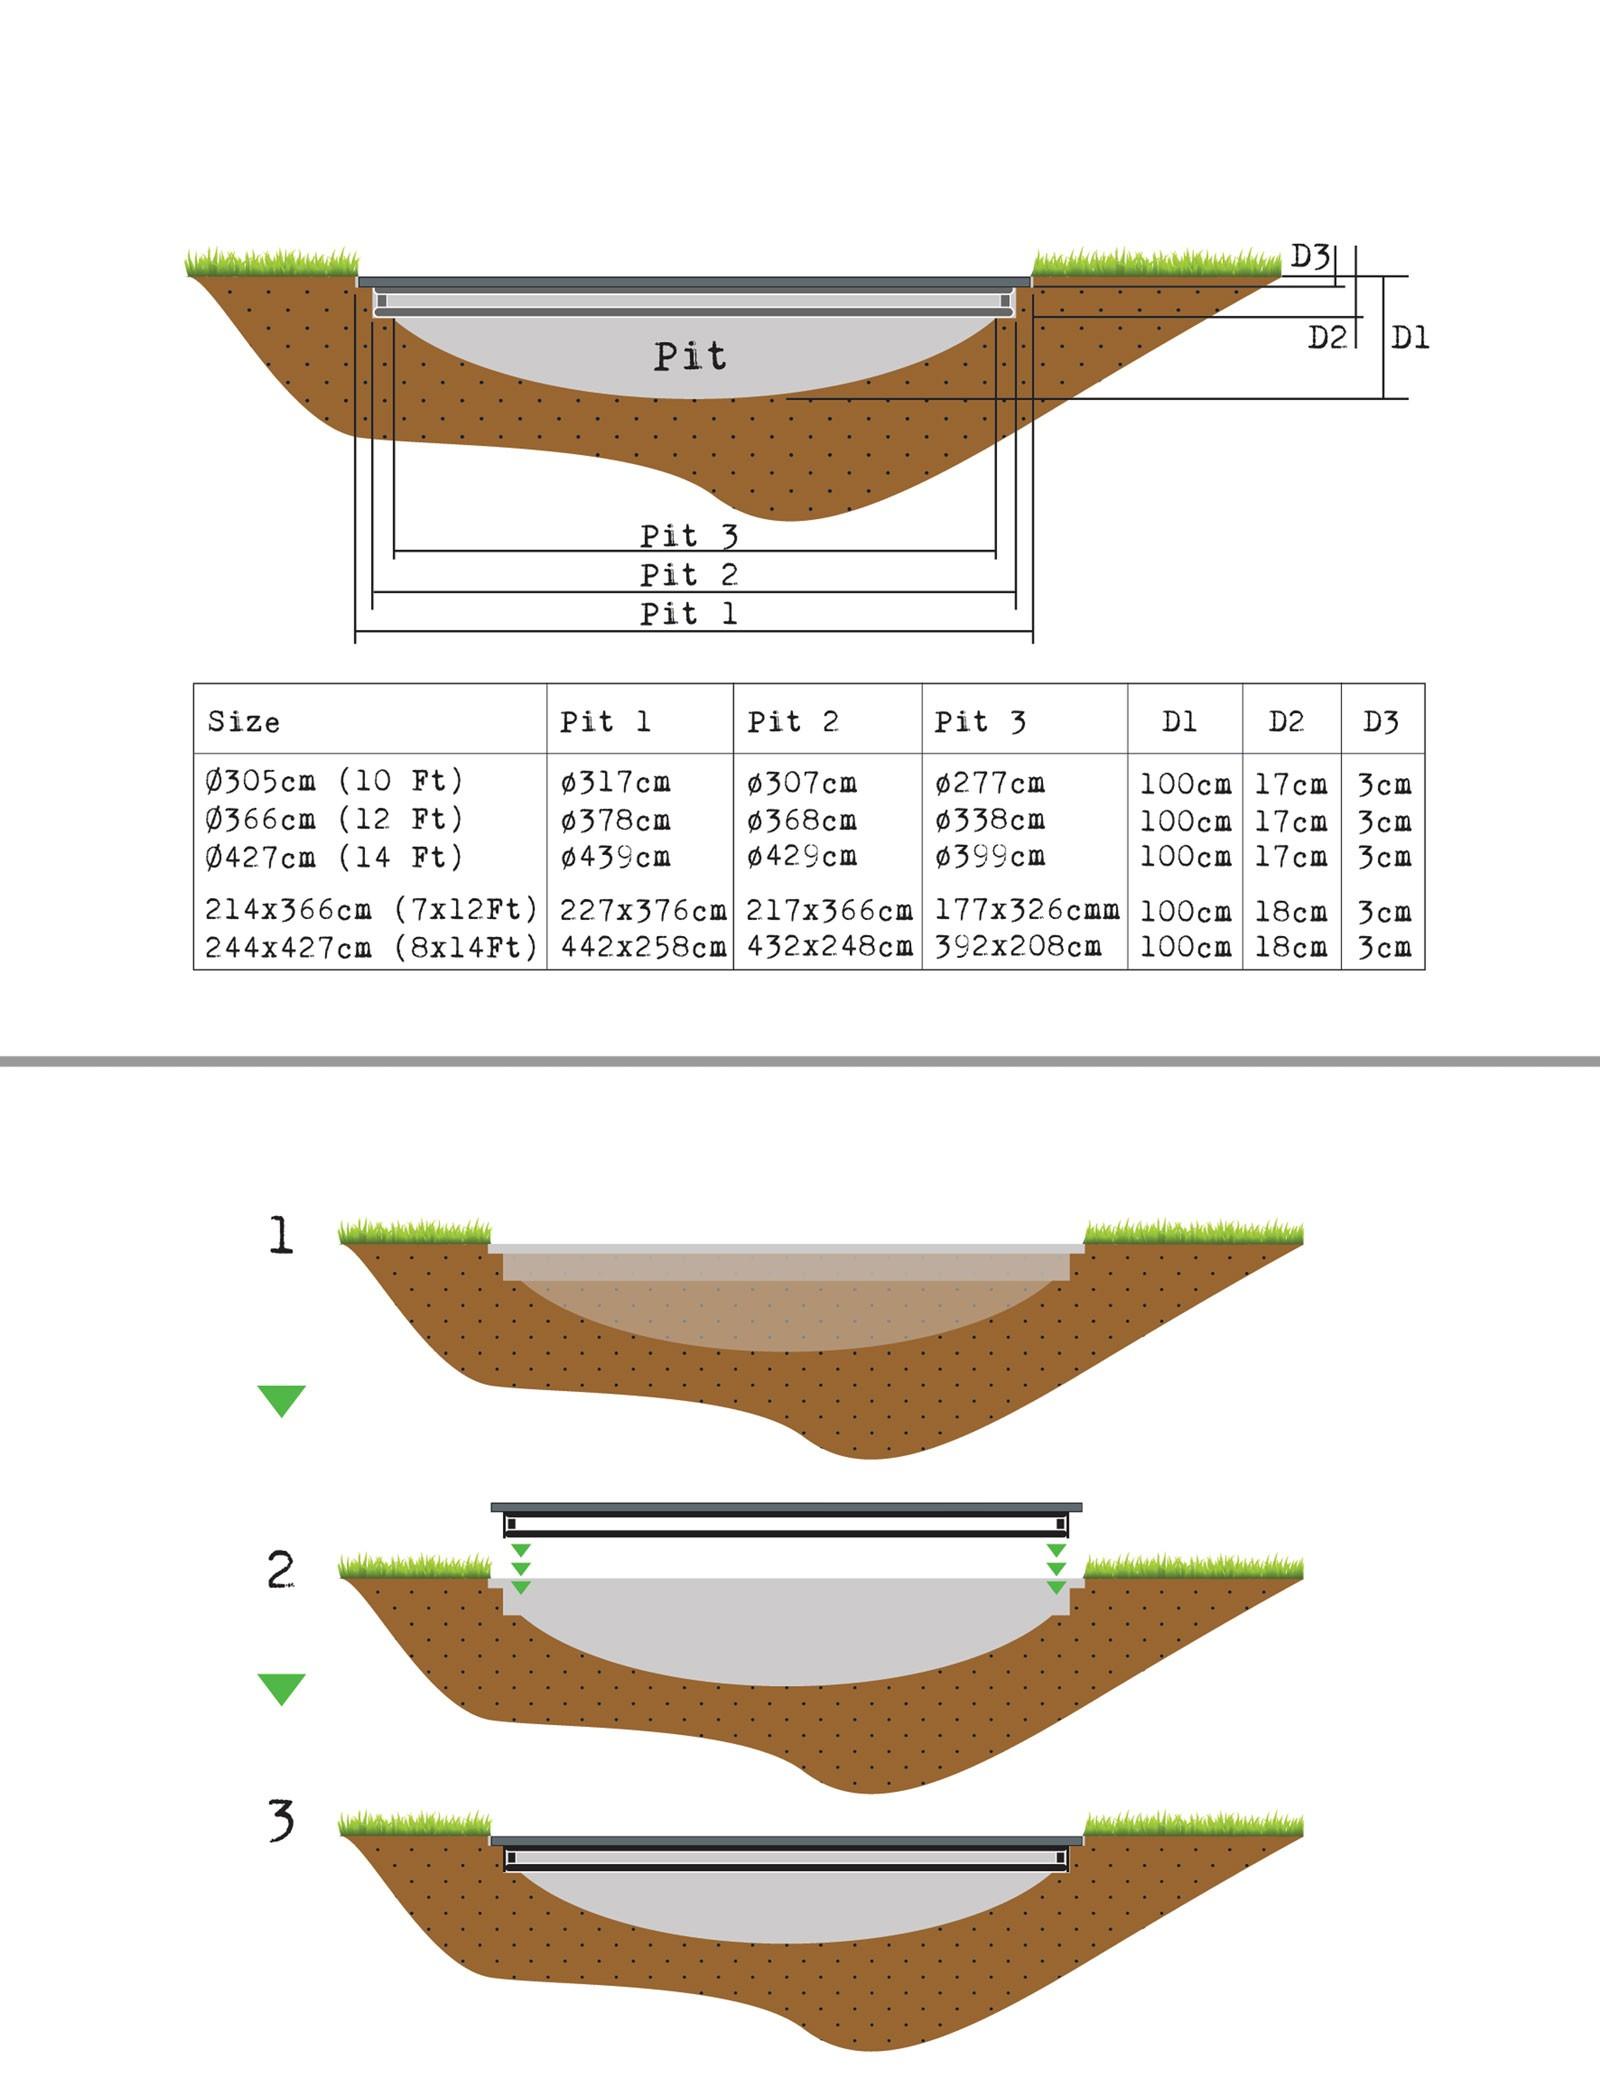 Trampolin EXIT Supreme Ground Level rechteckig 214x366cm grau Bild 3